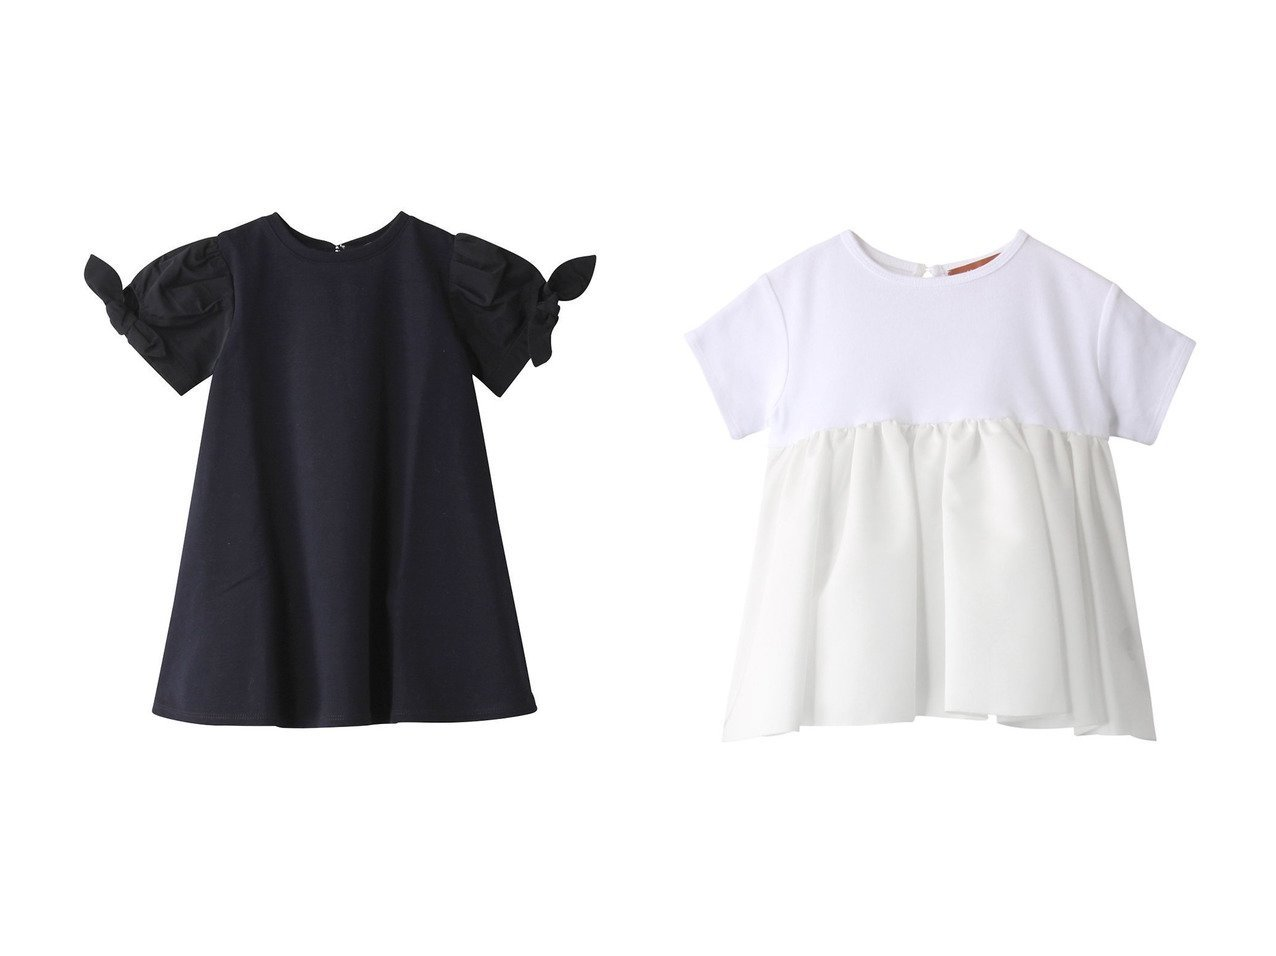 【AMICA / KIDS/アミカ】の【Baby&Kids】リボンドレス&【Baby&Kids】バレリーナドレス 【KIDS】子供服のおすすめ!人気トレンド・キッズファッションの通販 おすすめで人気の流行・トレンド、ファッションの通販商品 メンズファッション・キッズファッション・インテリア・家具・レディースファッション・服の通販 founy(ファニー) https://founy.com/ ファッション Fashion キッズファッション KIDS トップス カットソー Tops Tees Kids ワンピース Dress Kids 2021年 2021 2021 春夏 S/S SS Spring/Summer 2021 S/S 春夏 SS Spring/Summer タフタ チュニック ドレス ベビー リボン ロング 定番 Standard 春 Spring  ID:crp329100000025198